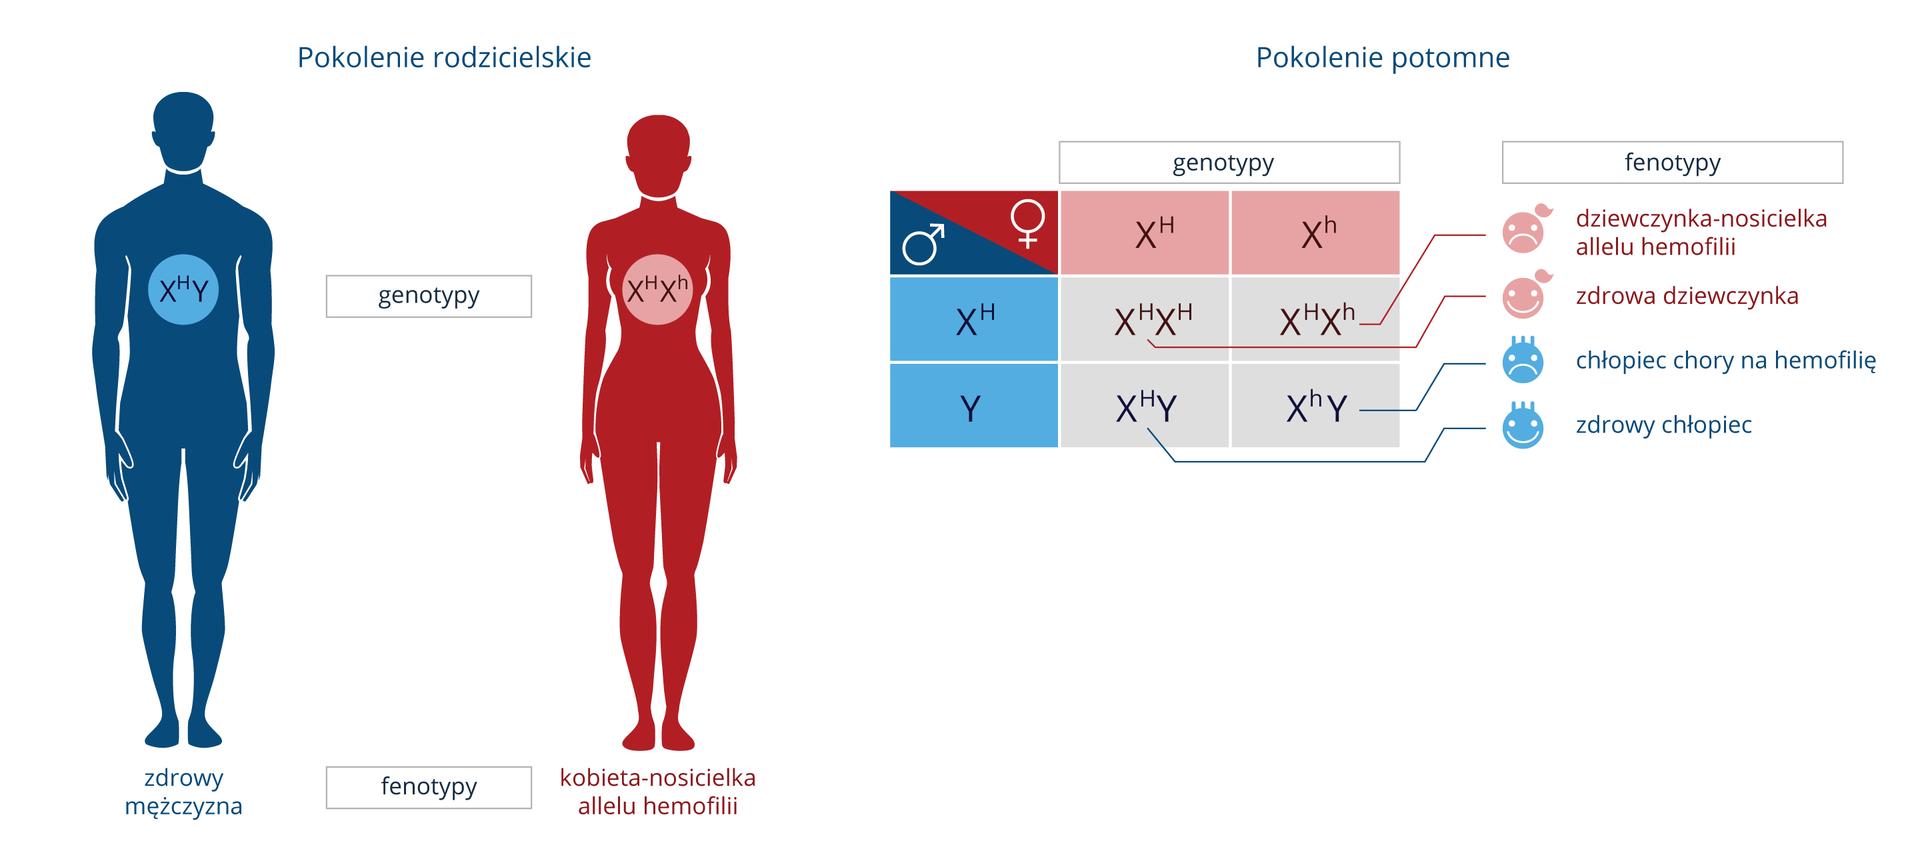 Ilustracja przedstawia schemat dziedziczenia hemofilii uludzi. Zlewej niebieska sylwetka zdrowego mężczyzny, genotyp XDY. Zprawej czerwona sylwetka kobiety nosicielki, genotyp XDXd. Dalej krzyżówka genetyczna tej pary. Wpokoleniu potomnym tej pary będzie dwoje zdrowych dzieci, dziewczynka ichłopiec (emotikony uśmiechnięte). Drugi chłopiec będzie chory na hemofilię, adruga dziewczynka będzie nosicielką allelu hemofilii (emotikony skrzywione).